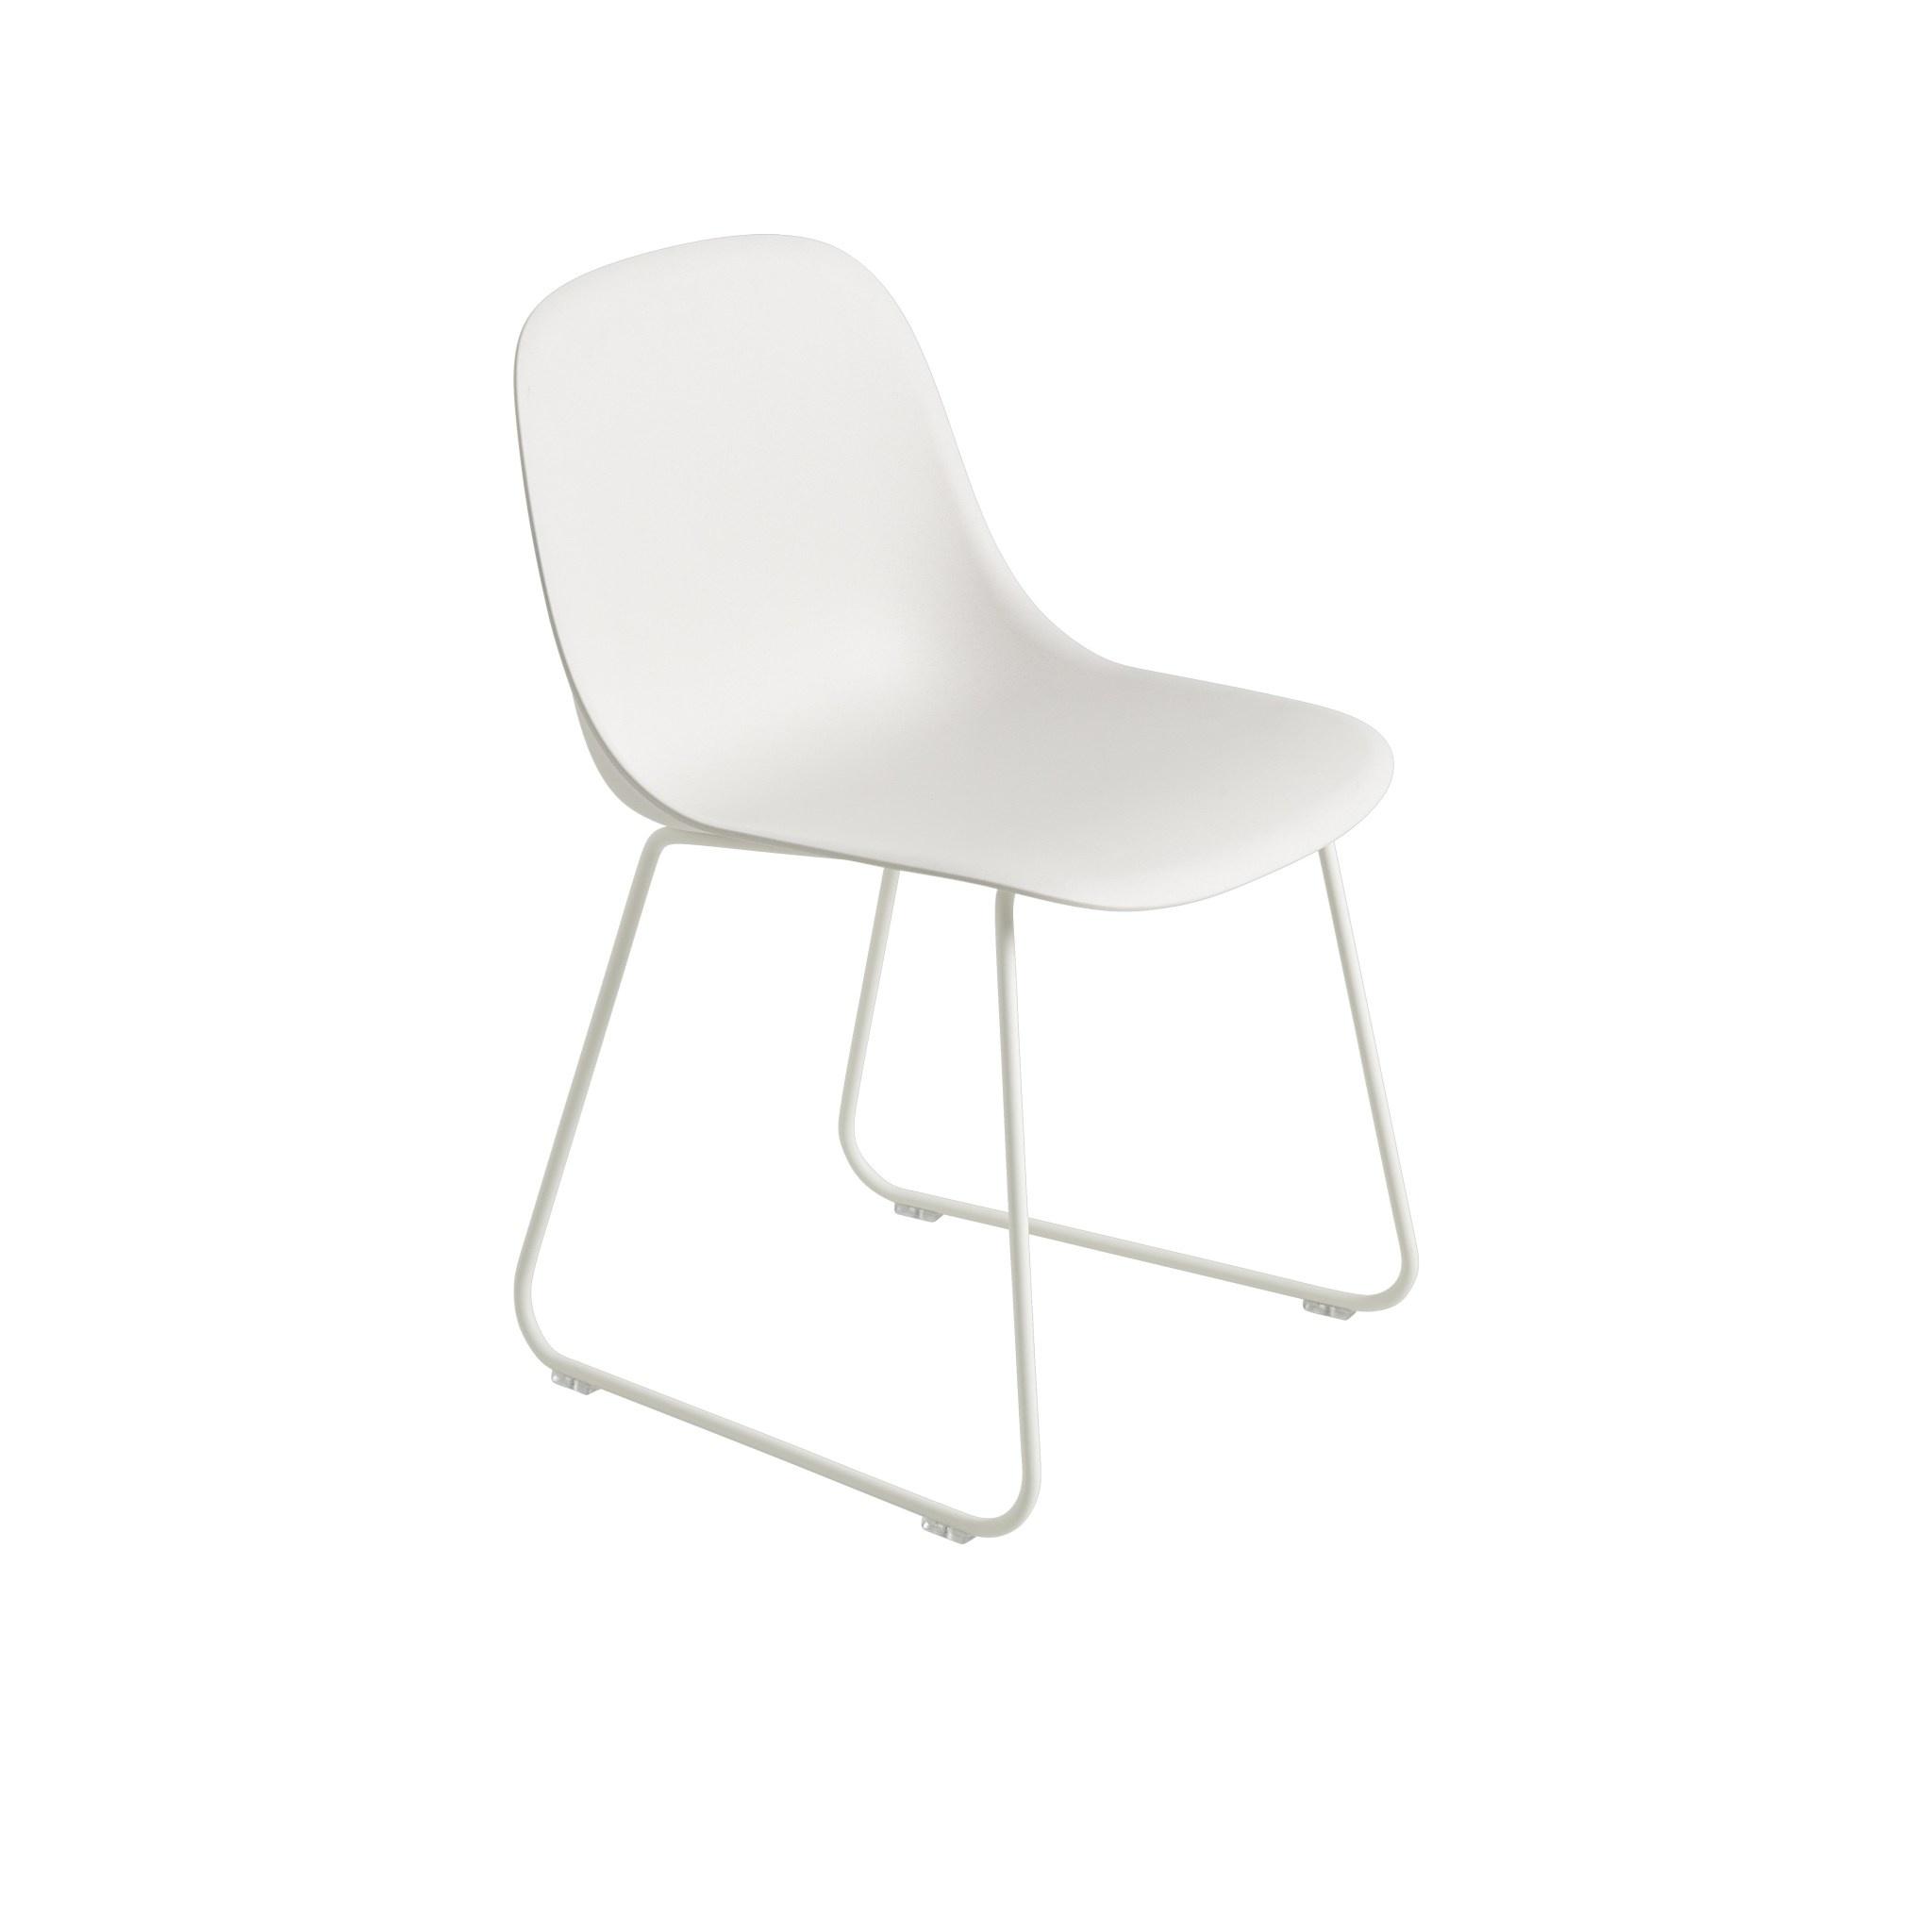 Fiber side chair sled base-5